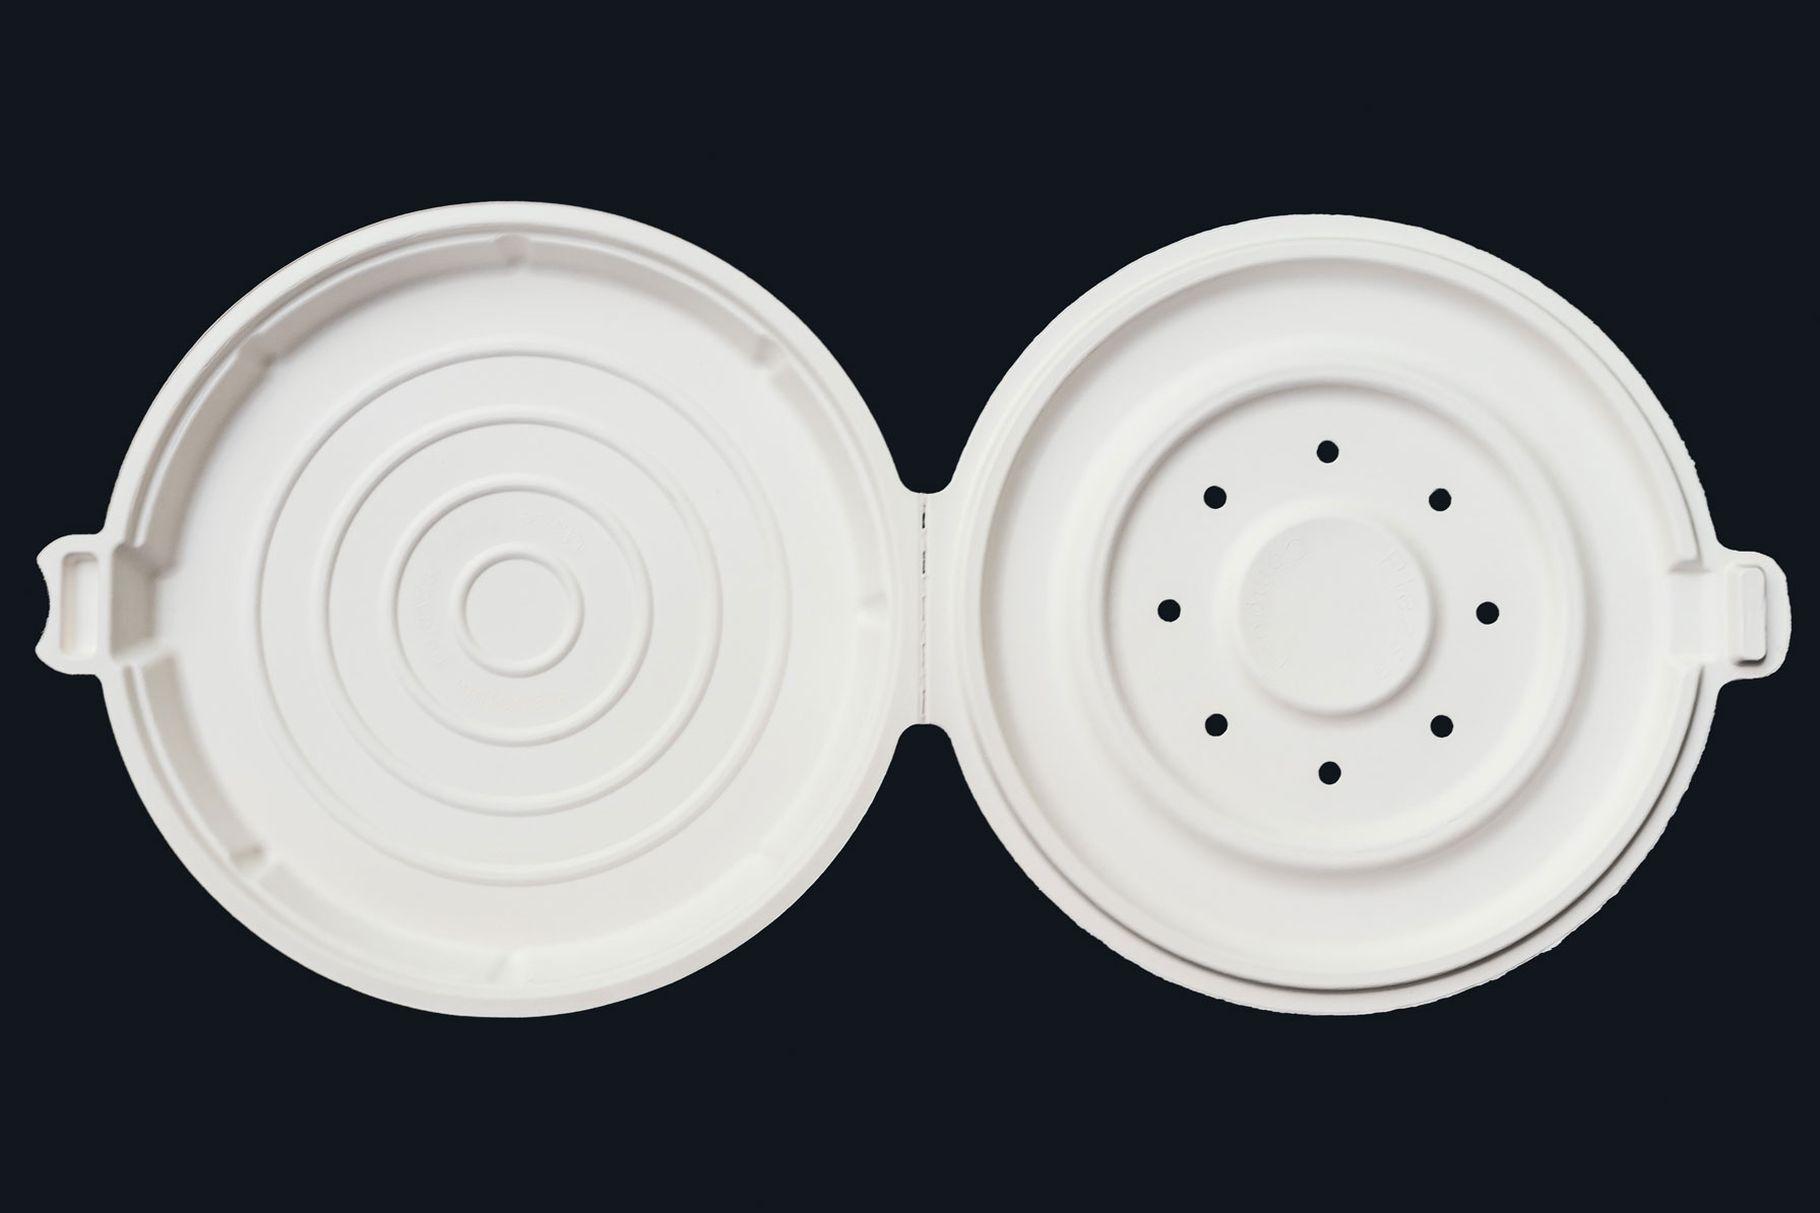 Ngoài iPhone thì Apple còn thiết kế cả hộp bánh pizza cực cool thế này đây - Ảnh 1.